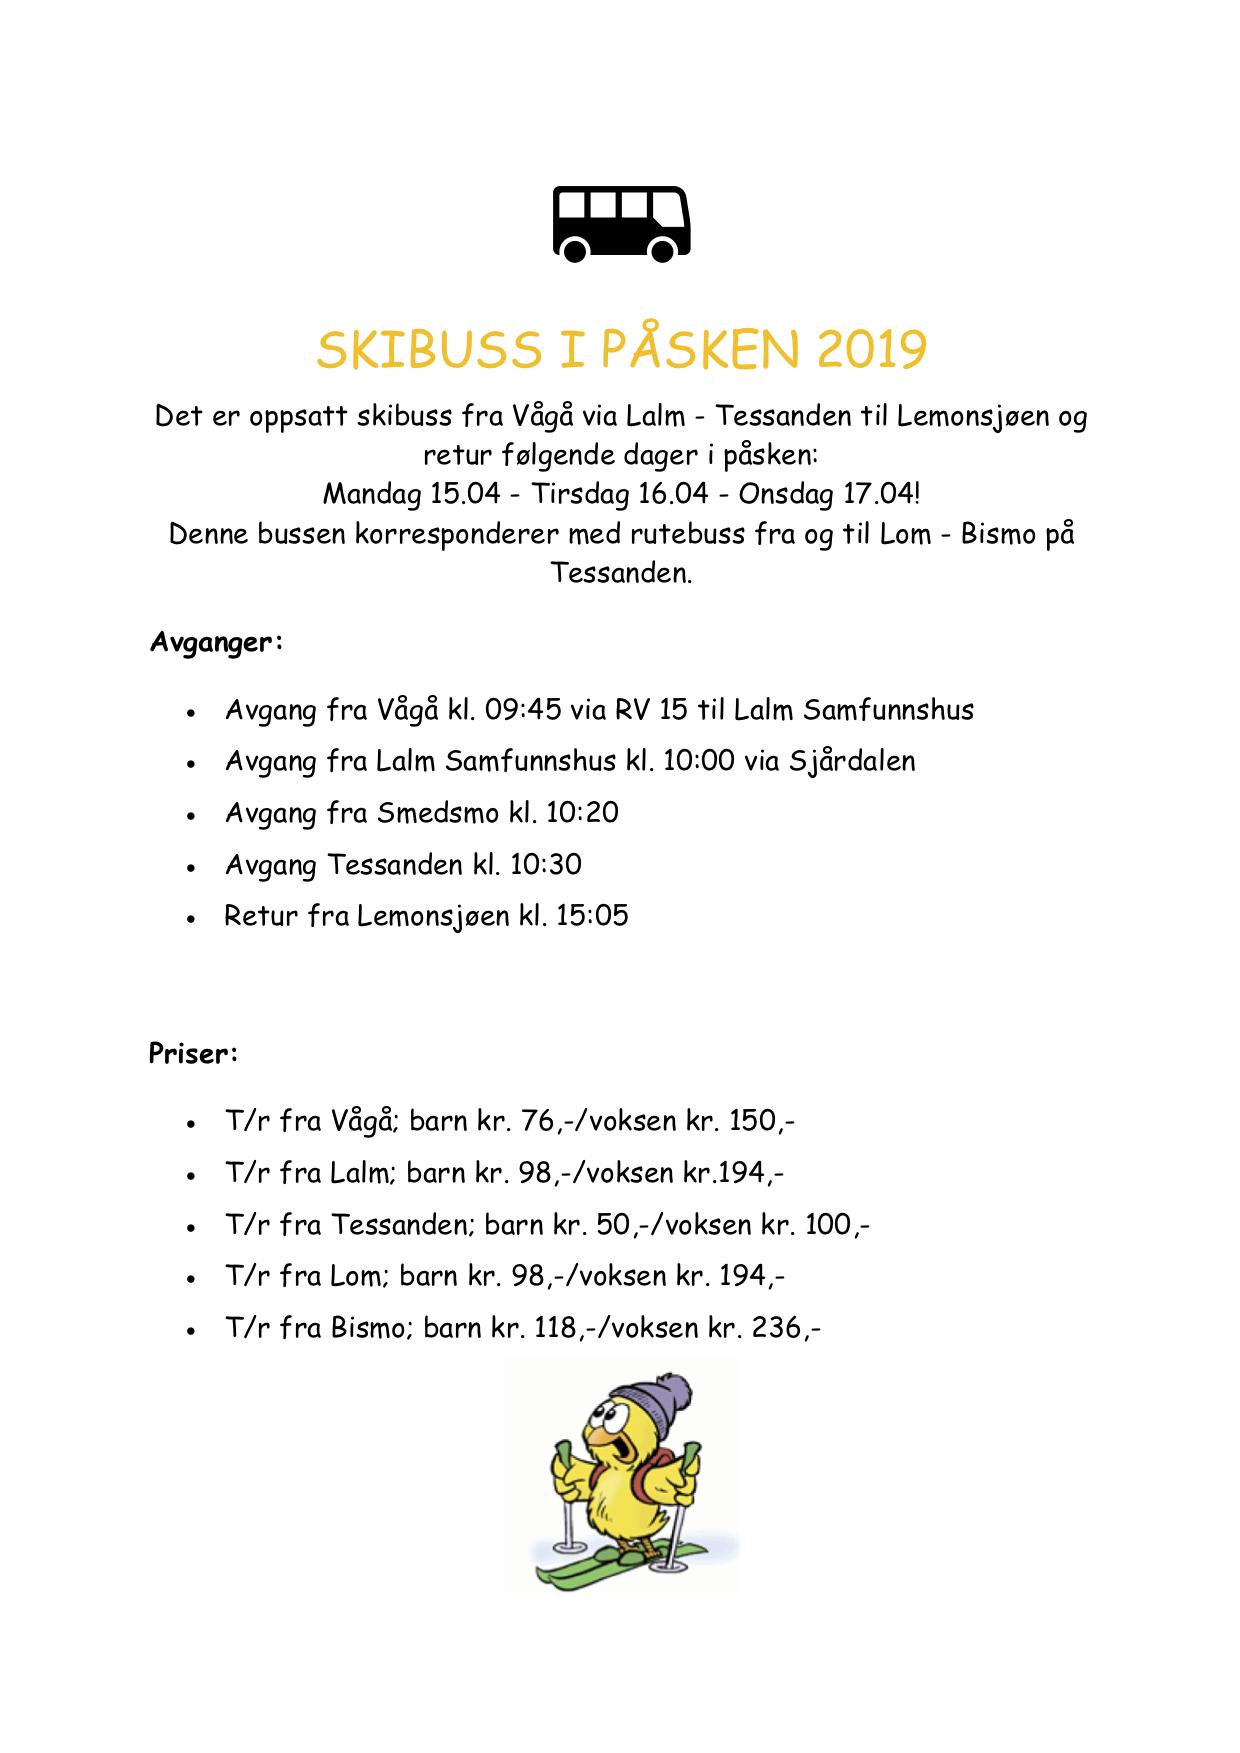 SKIBUSS PÅSKEN 2019 - Mandag 15.april-onsdag 17.april 2019